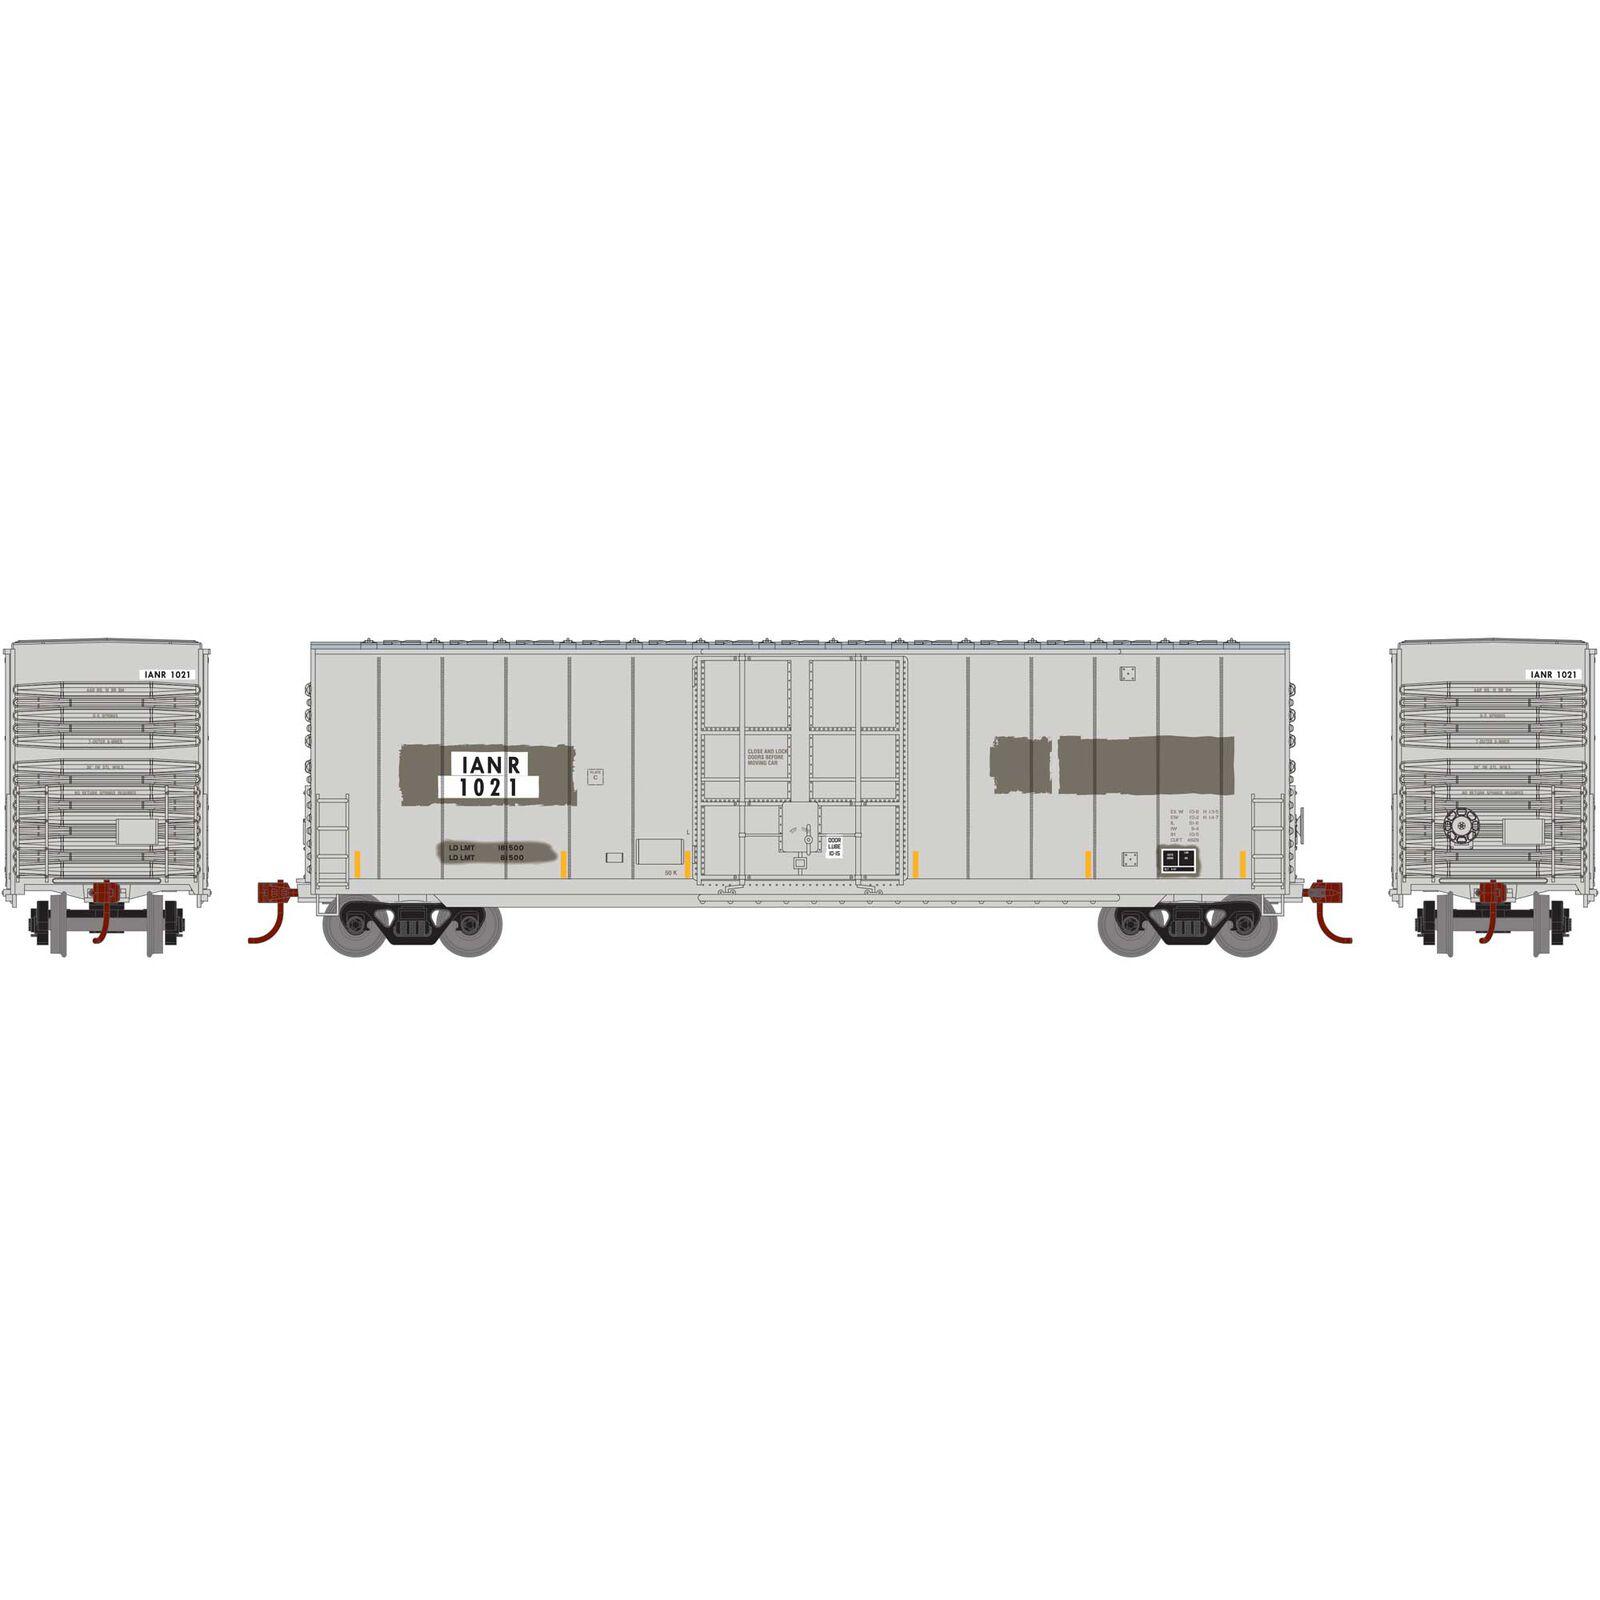 N 50' Smooth High Cube Plug Door Box, IANR #1021